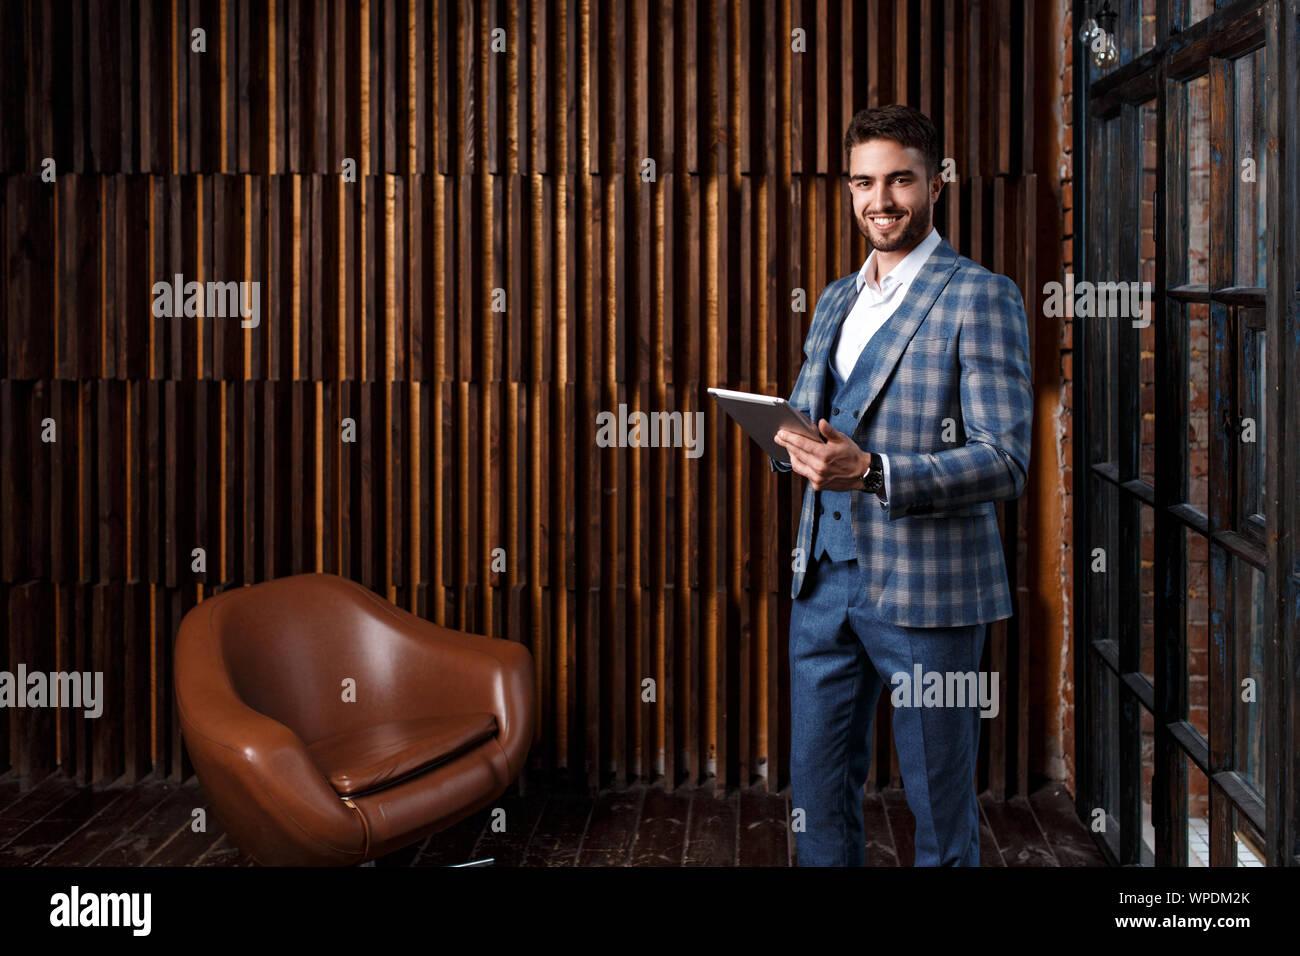 Jeune homme avec une barbe dans un luxueux costume bleu vérifié. L'homme travaille sur une tablette dans un loft bureau. Banque D'Images